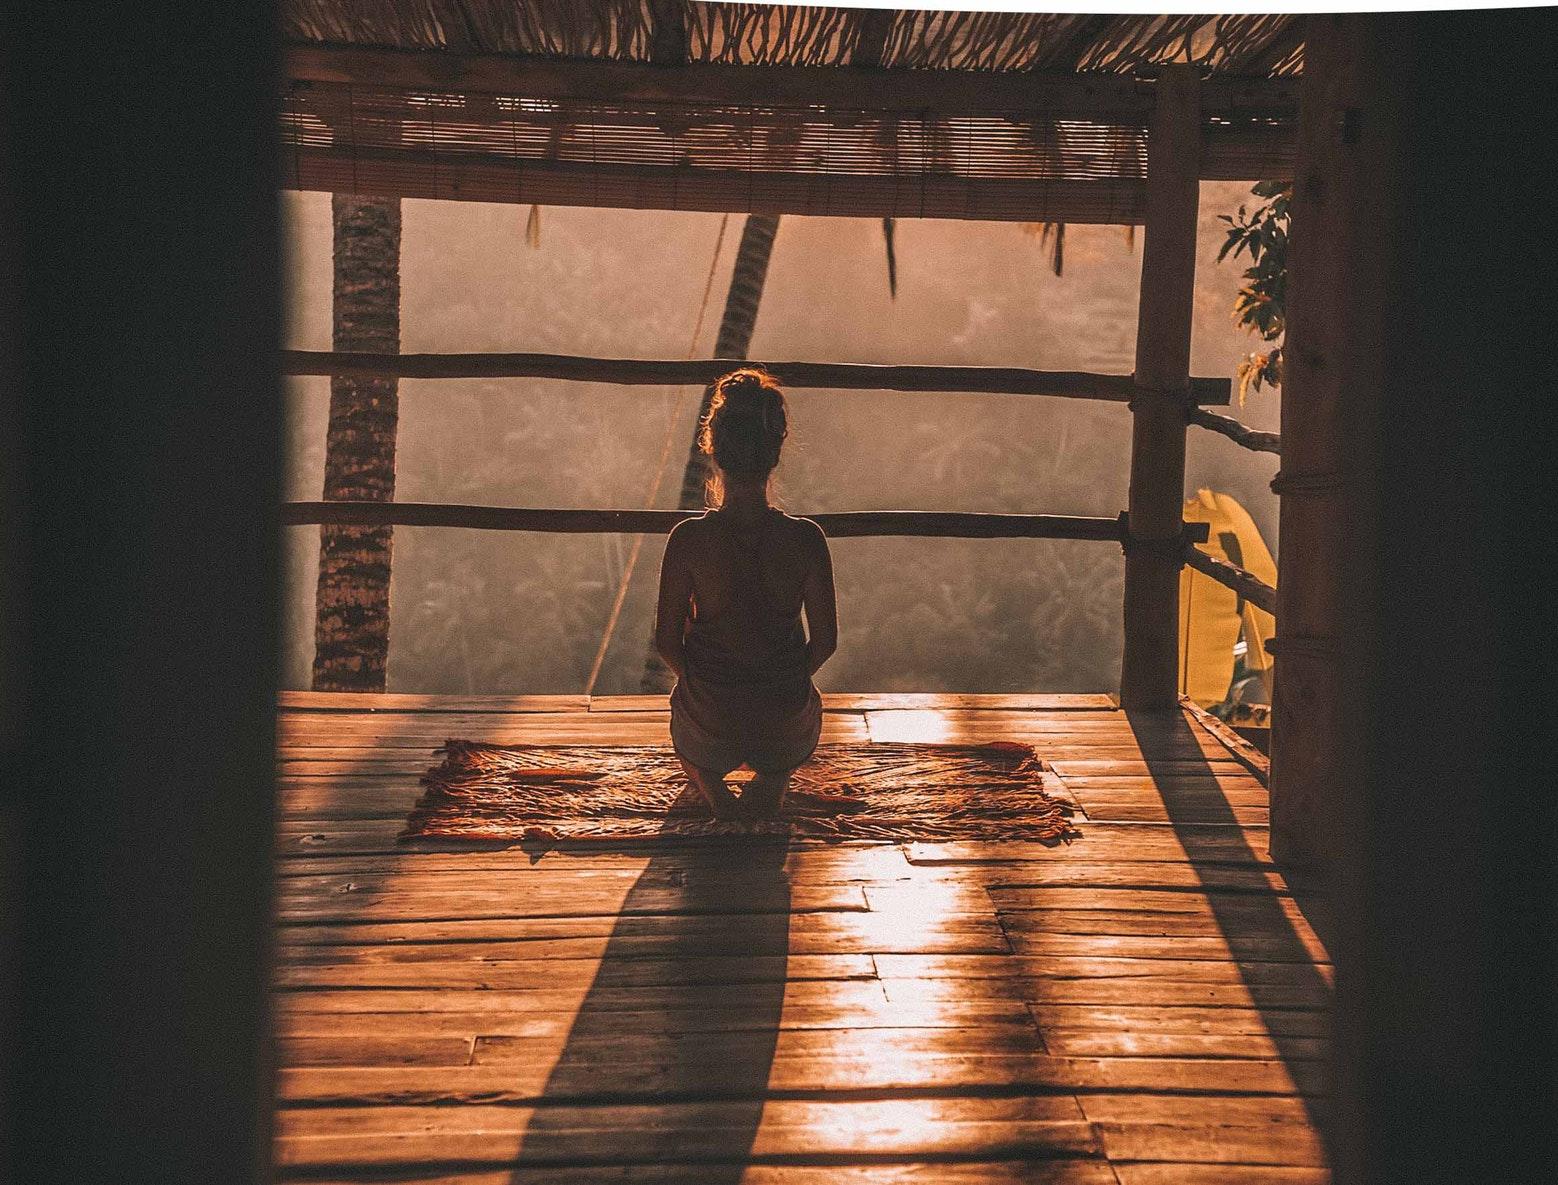 Joga i medytacja na Bali